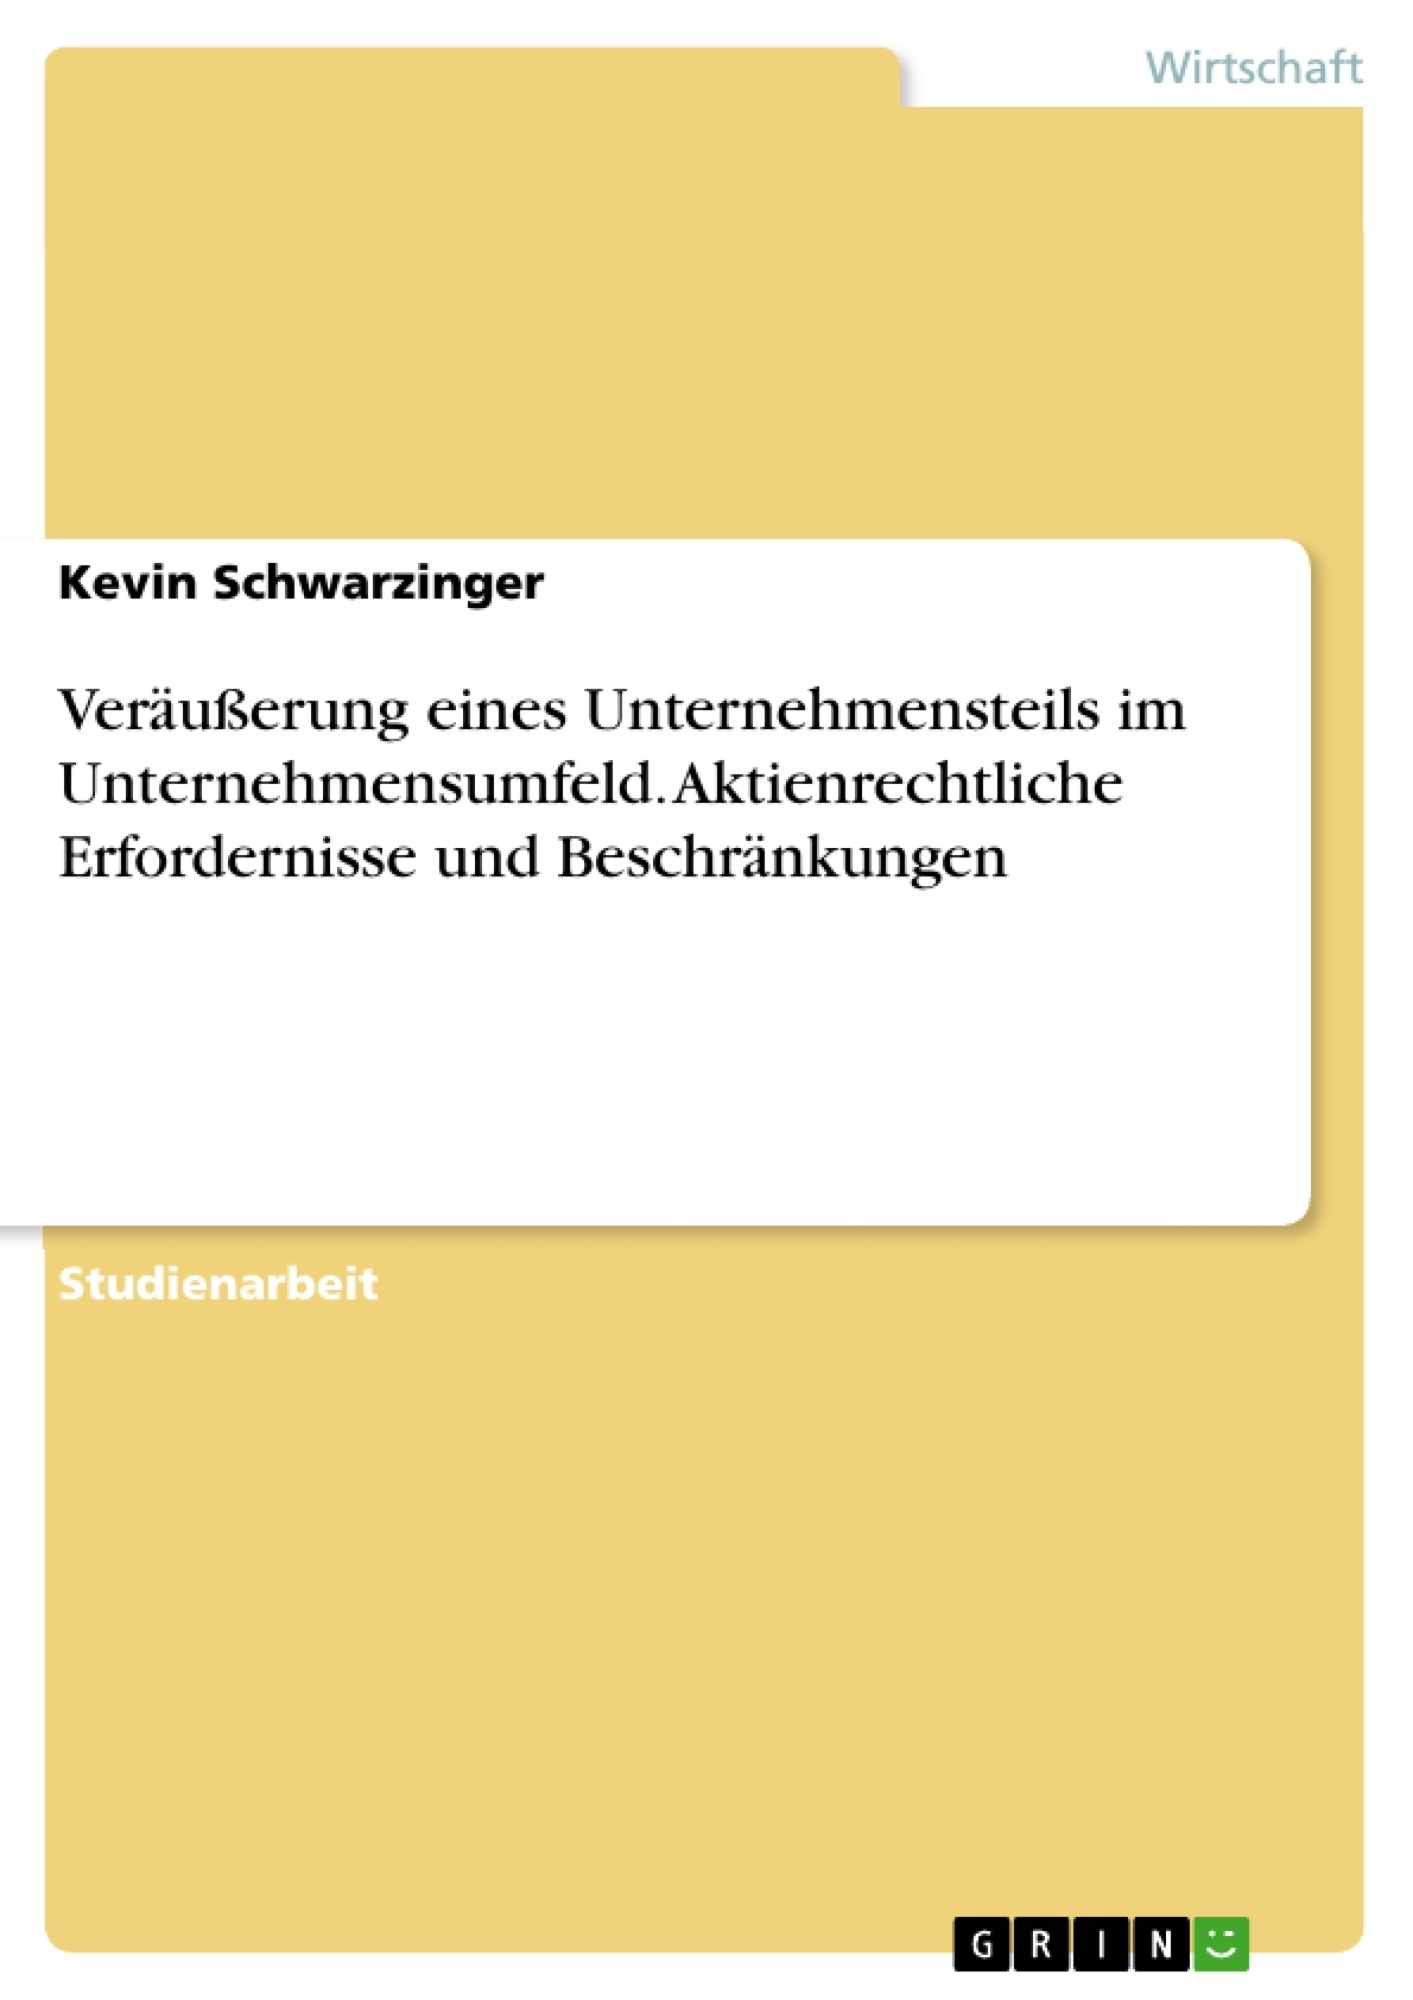 Titel: Veräußerung eines Unternehmensteils im Unternehmensumfeld. Aktienrechtliche Erfordernisse und Beschränkungen